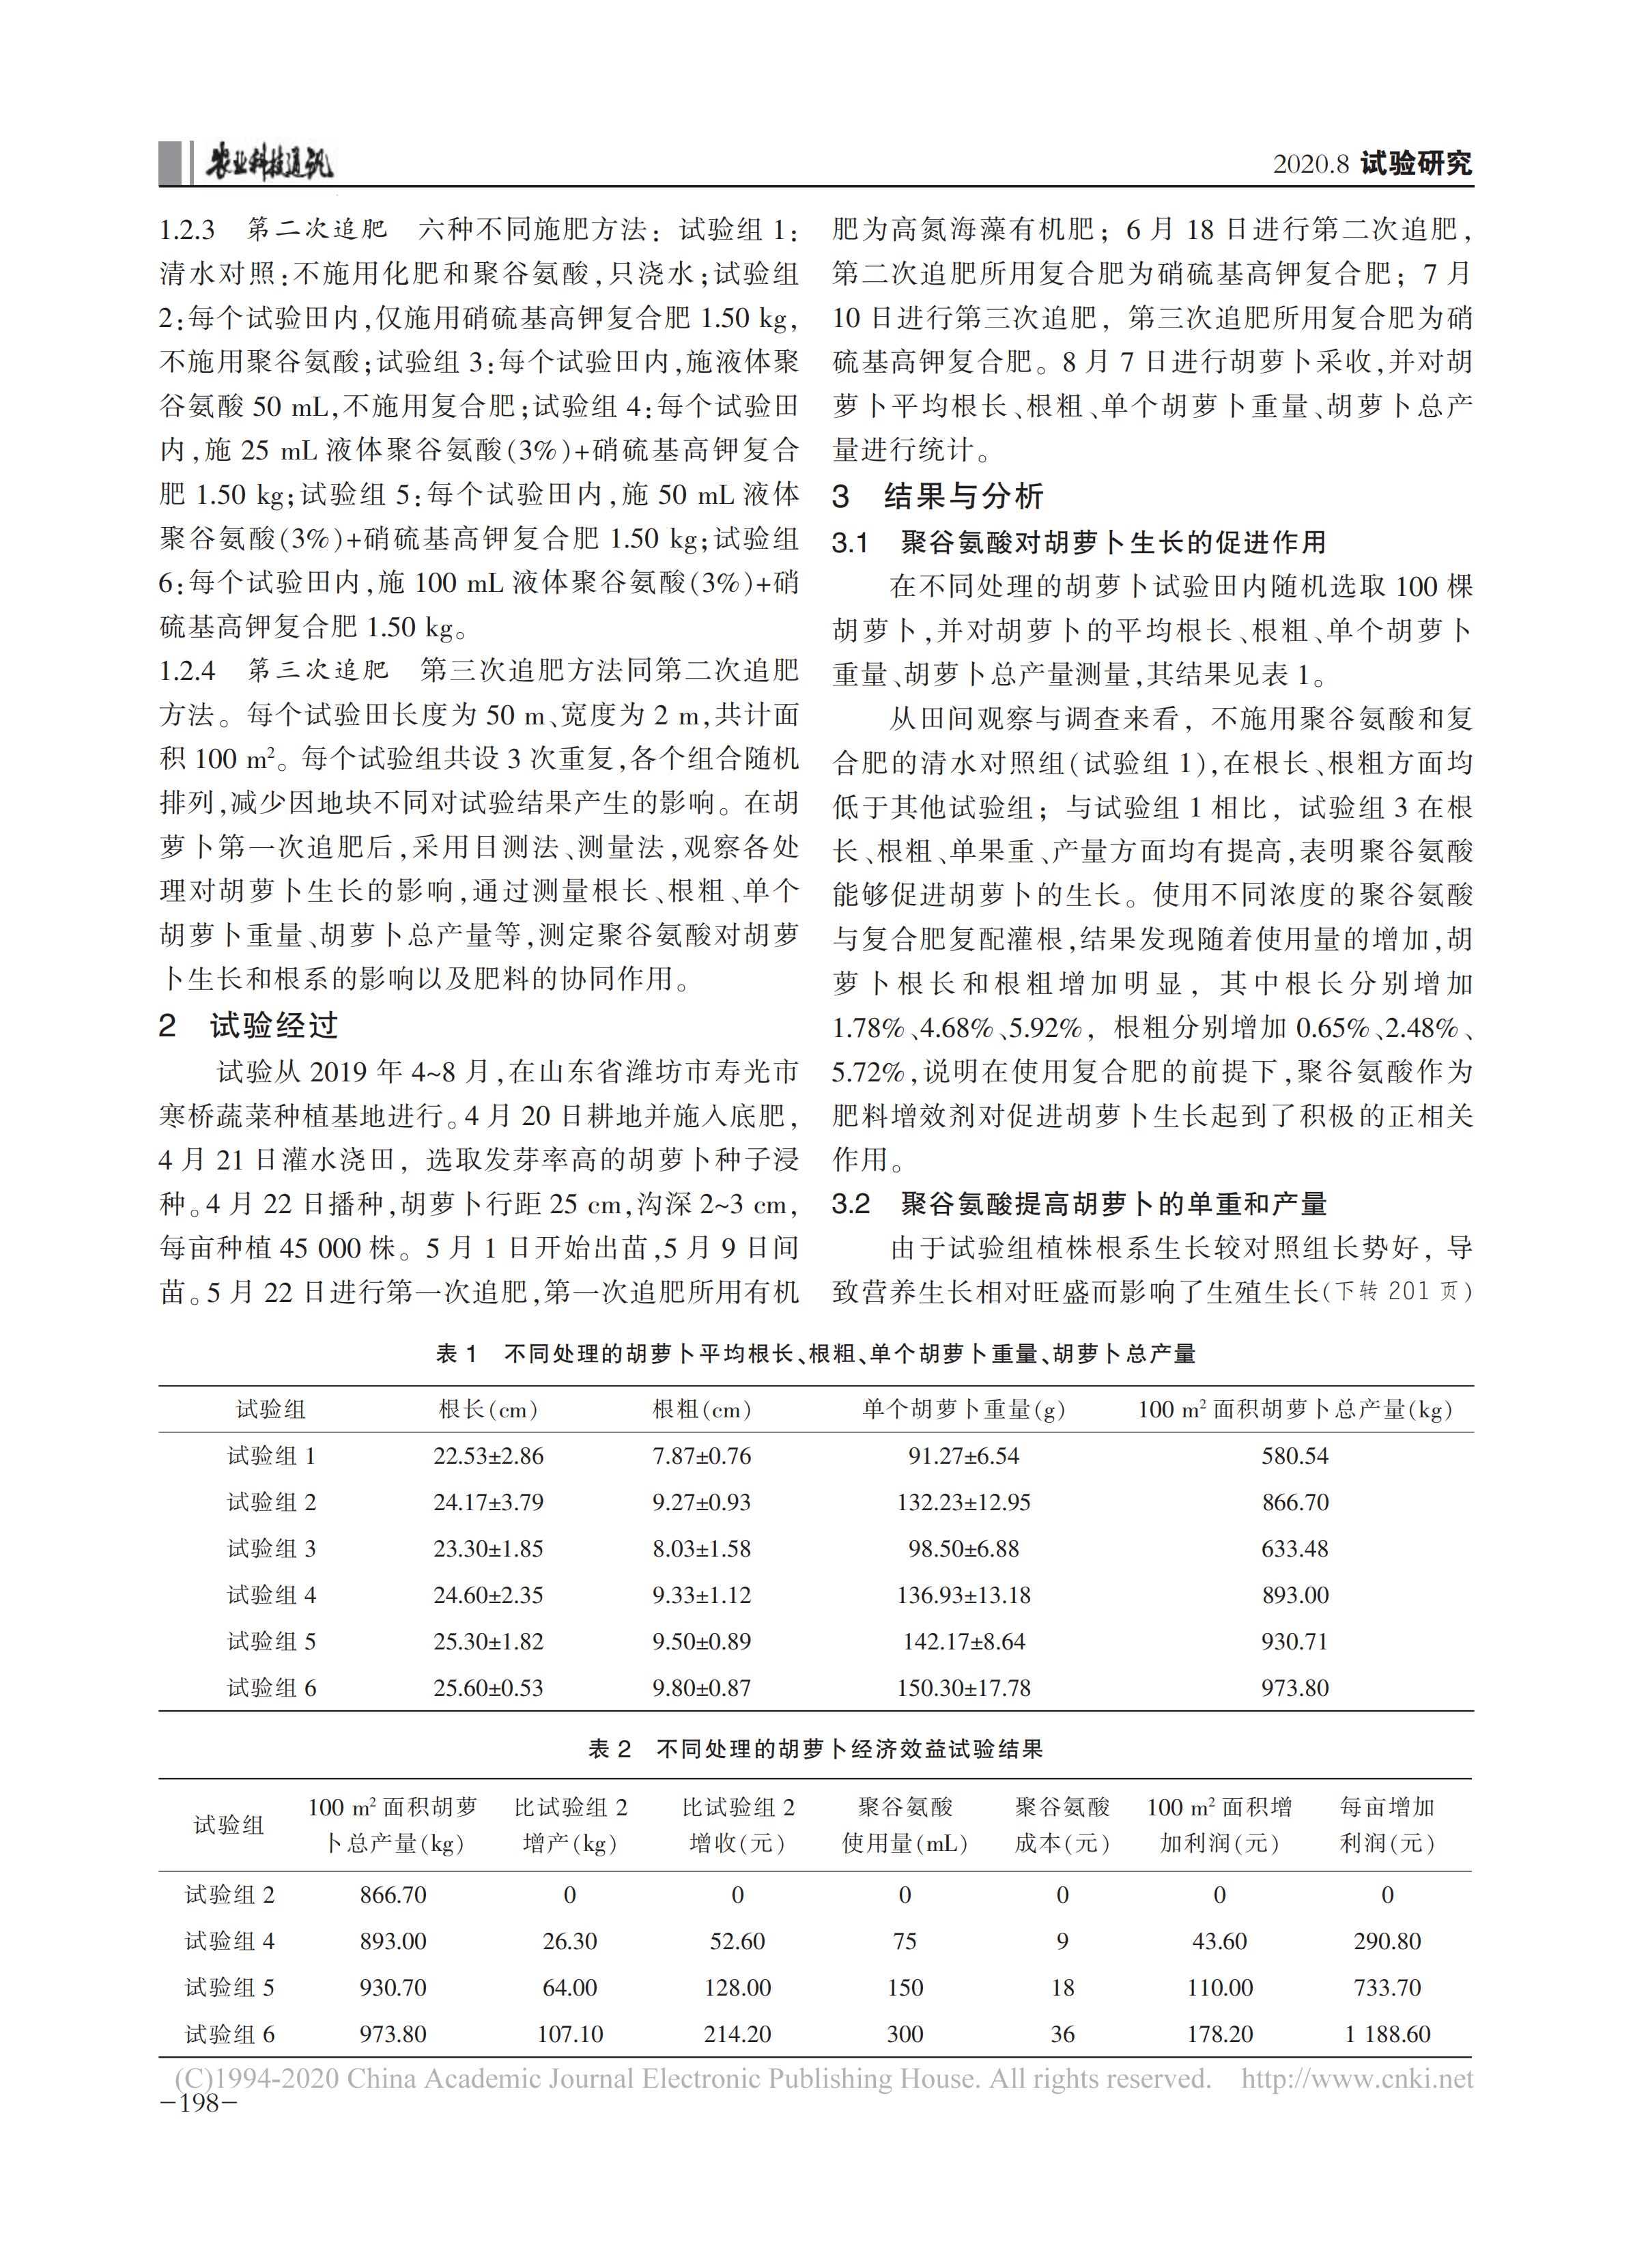 聚谷氨酸对胡萝卜生长的影响_武海燕_01.png